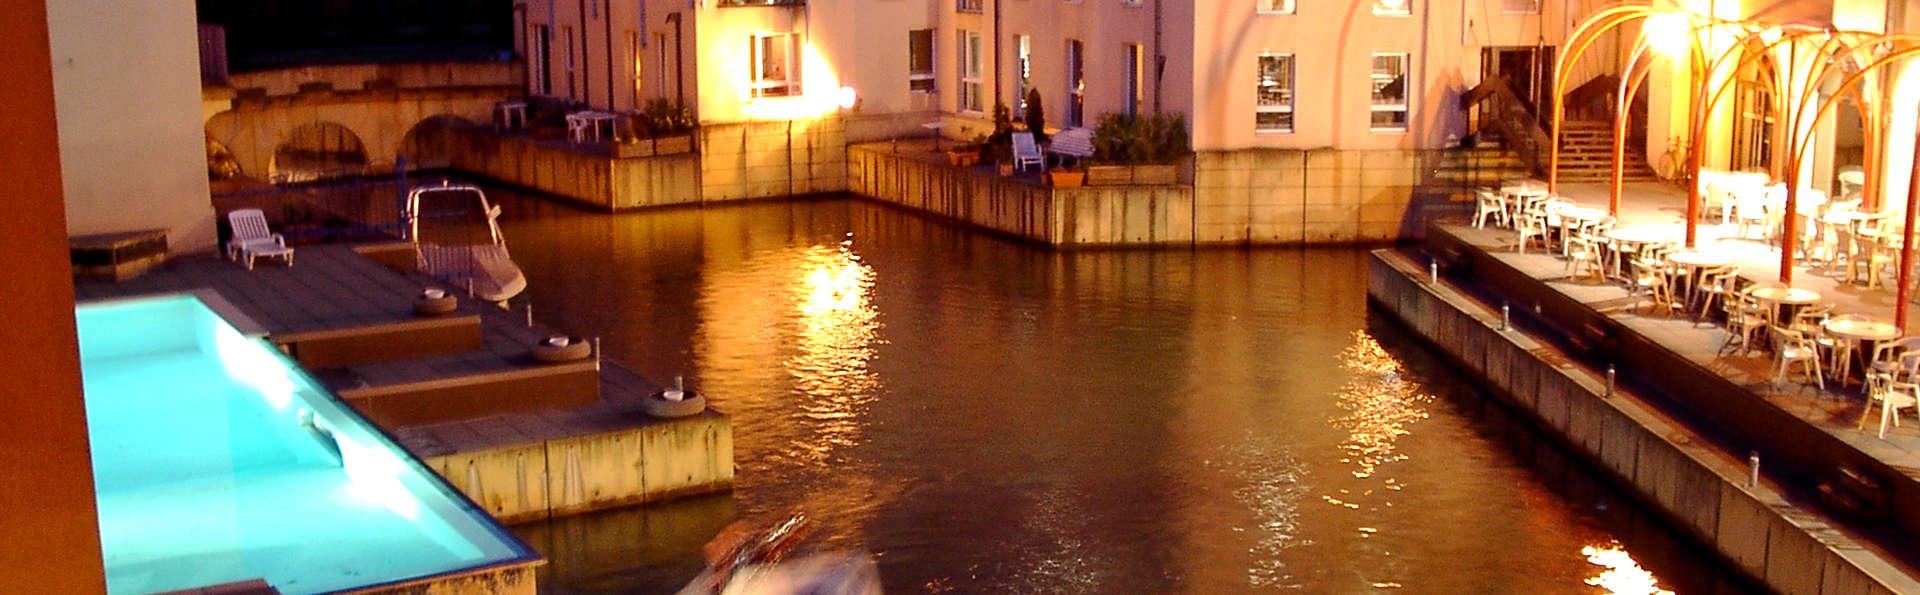 Hôtel du Théâtre (Metz) - EDIT_exterior.jpg